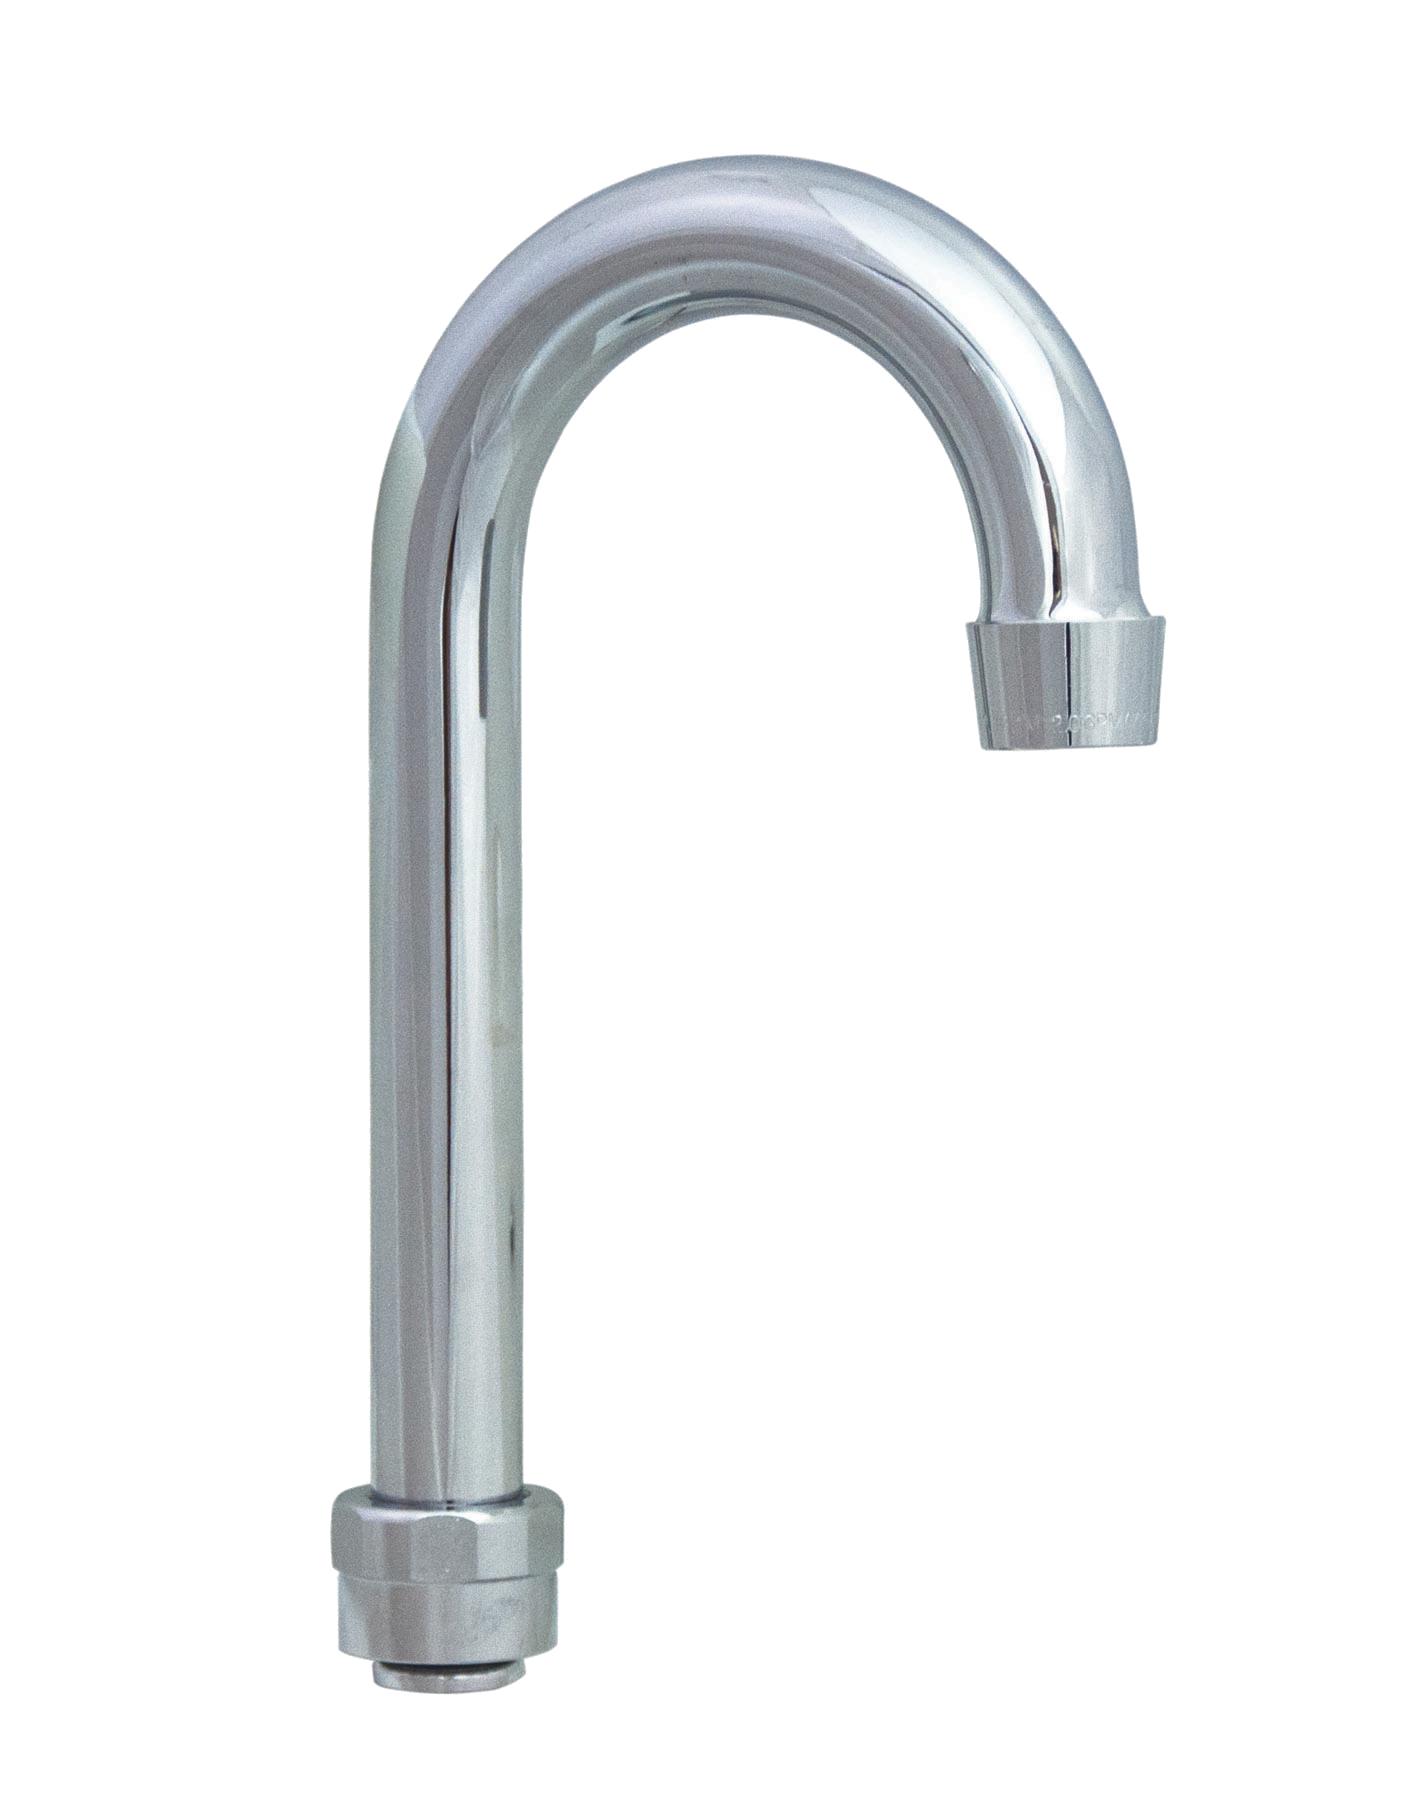 BK Resources EVO-SPT-4G faucet, spout / nozzle